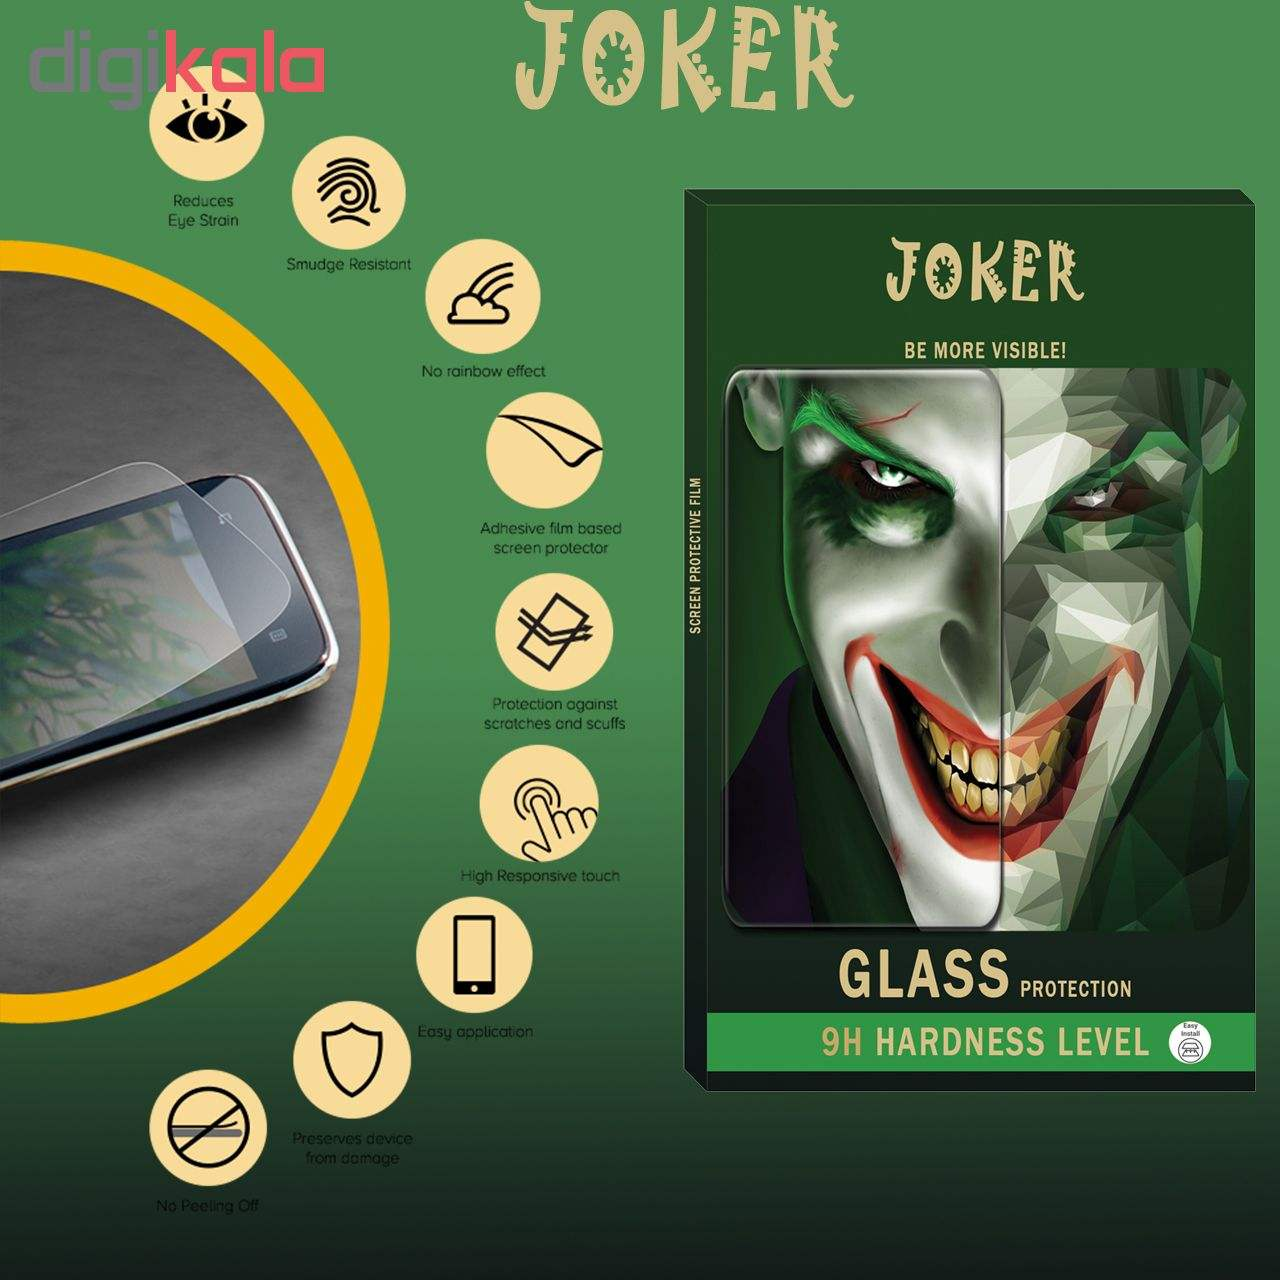 محافظ صفحه نمایش و پشت گوشی جوکر مدل FUM-01 مناسب برای گوشی موبایل اپل Iphone Xs main 1 6